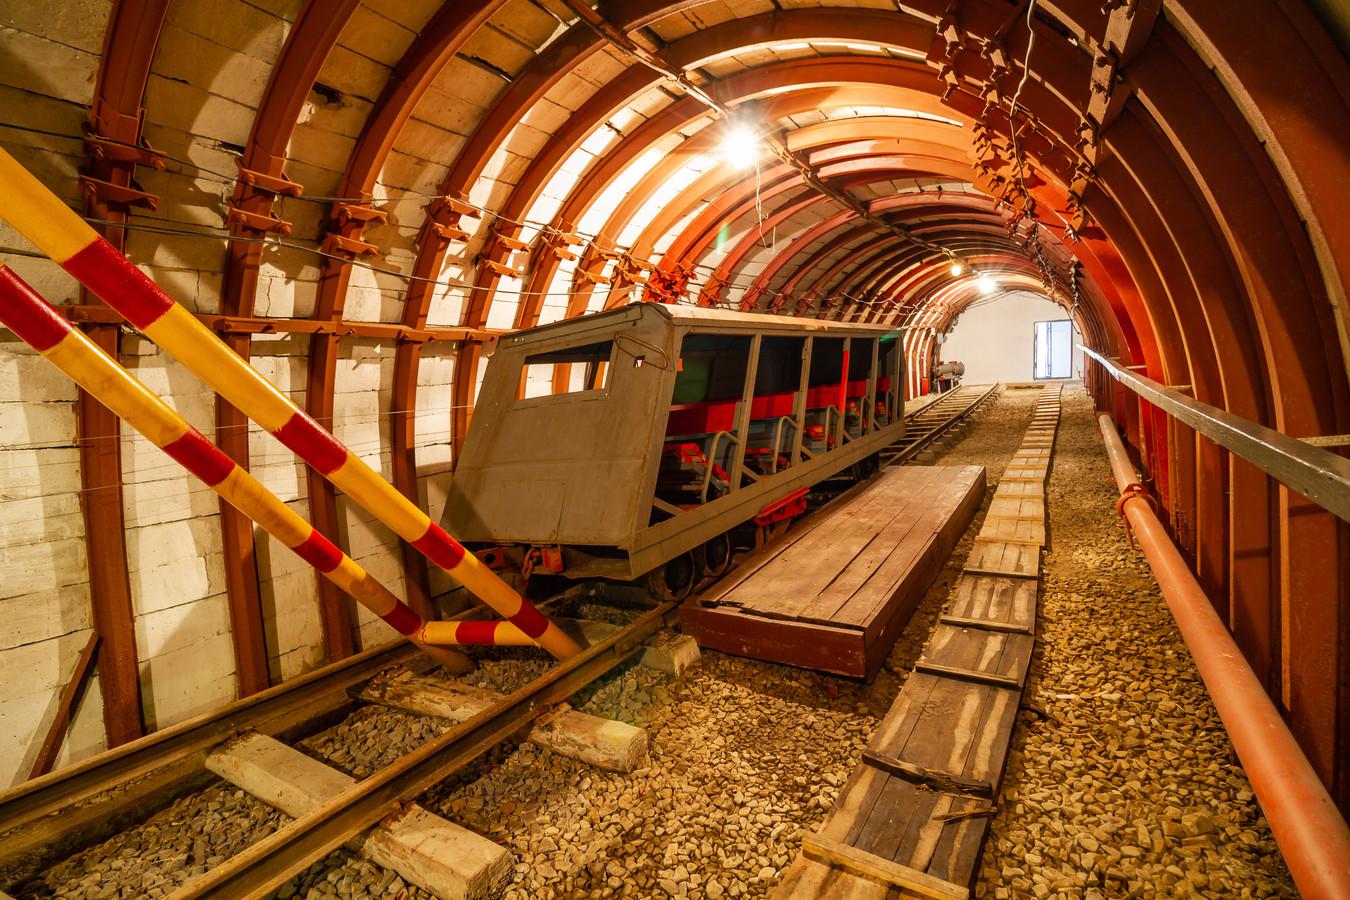 Een railvoertuig in een ondergrondse mijnschacht. (Archiefbeeld)